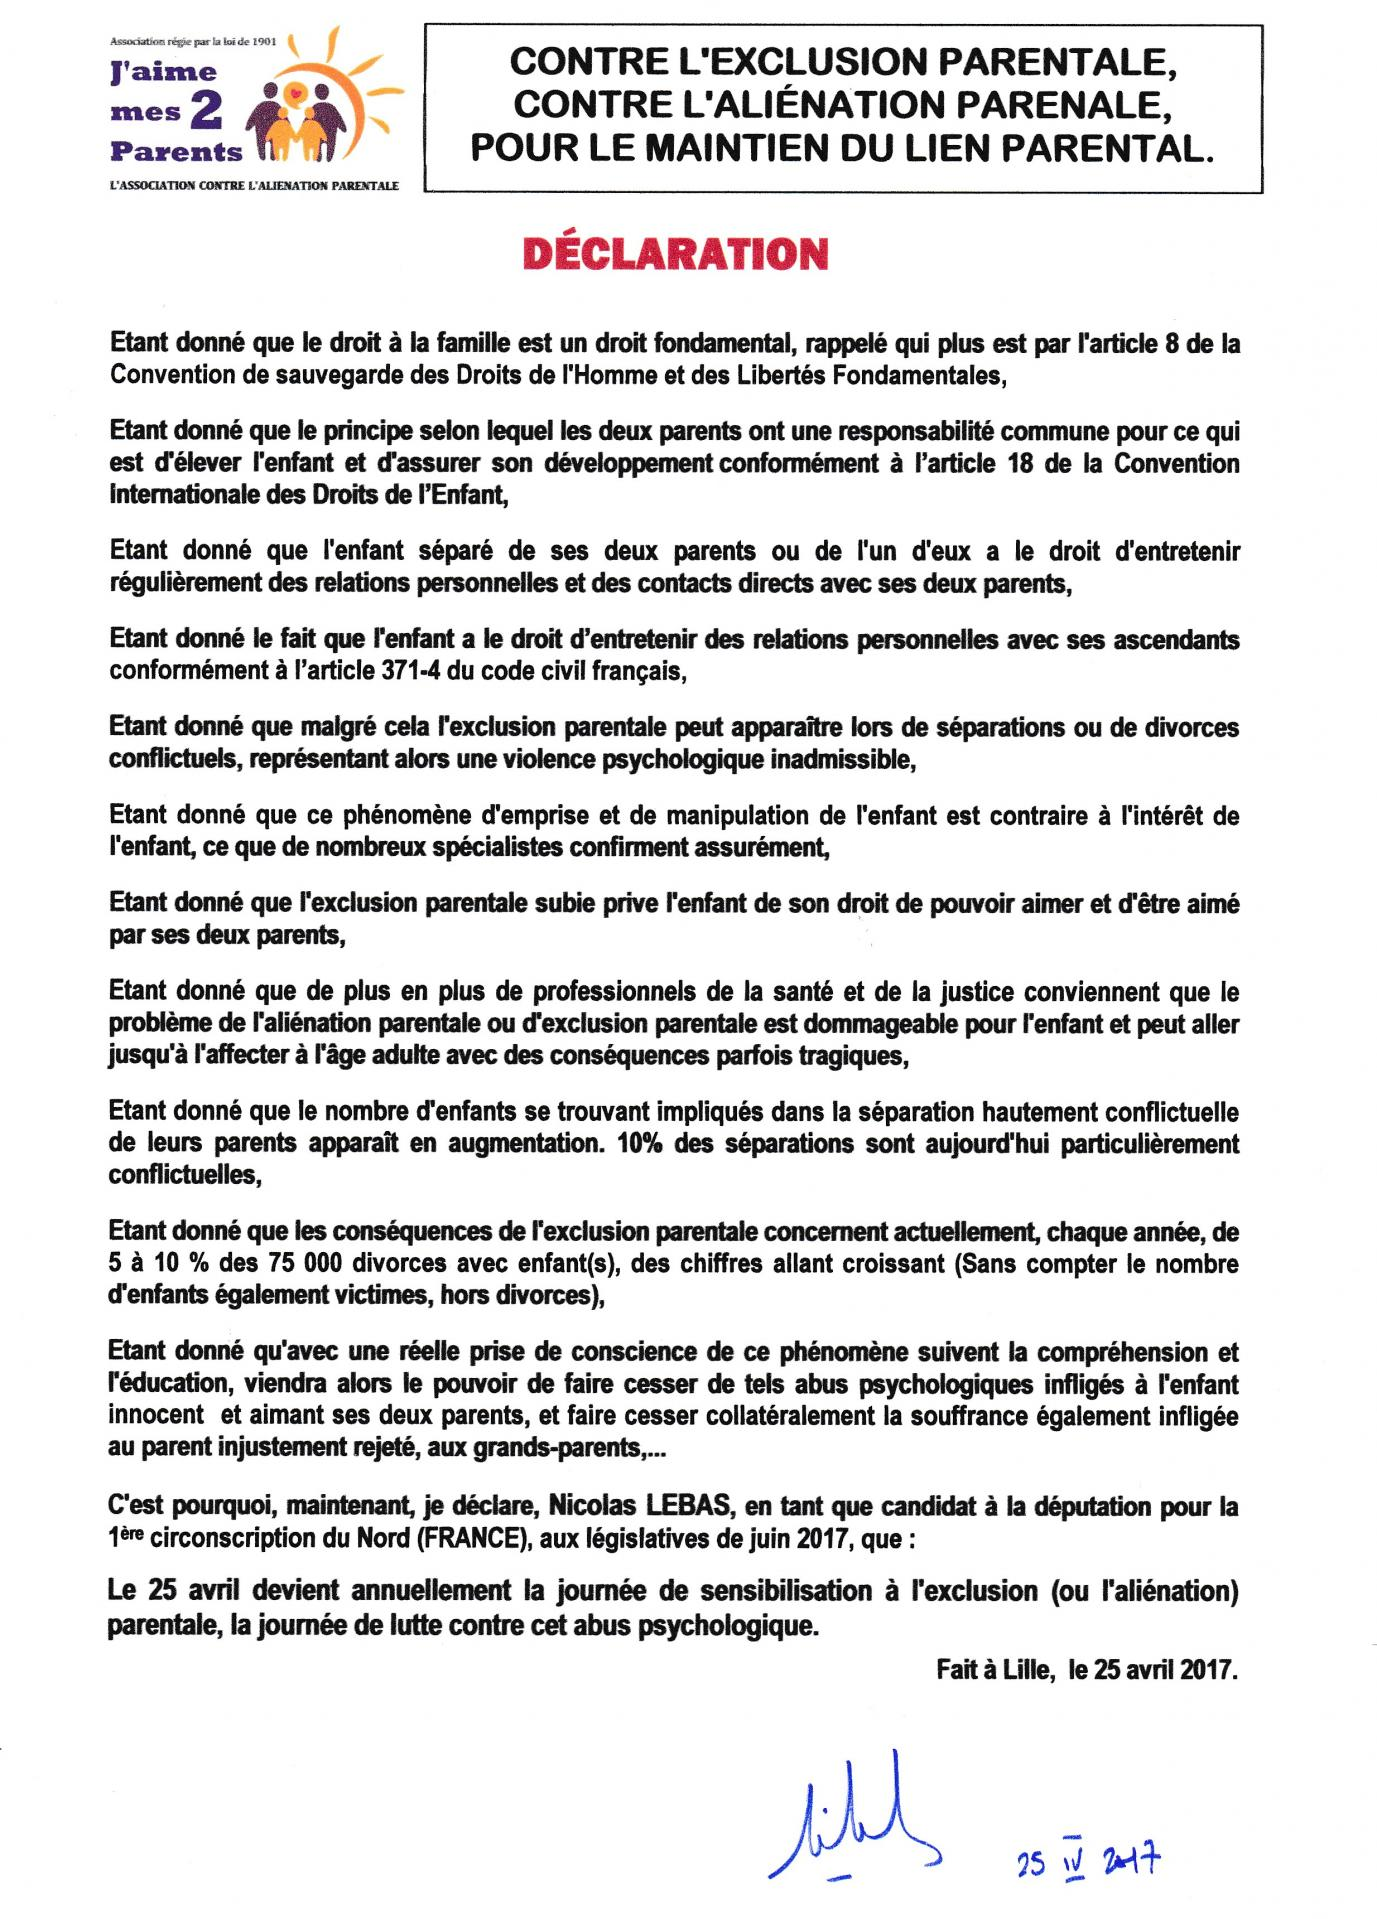 Scan n lebas declaration 25 04 2017